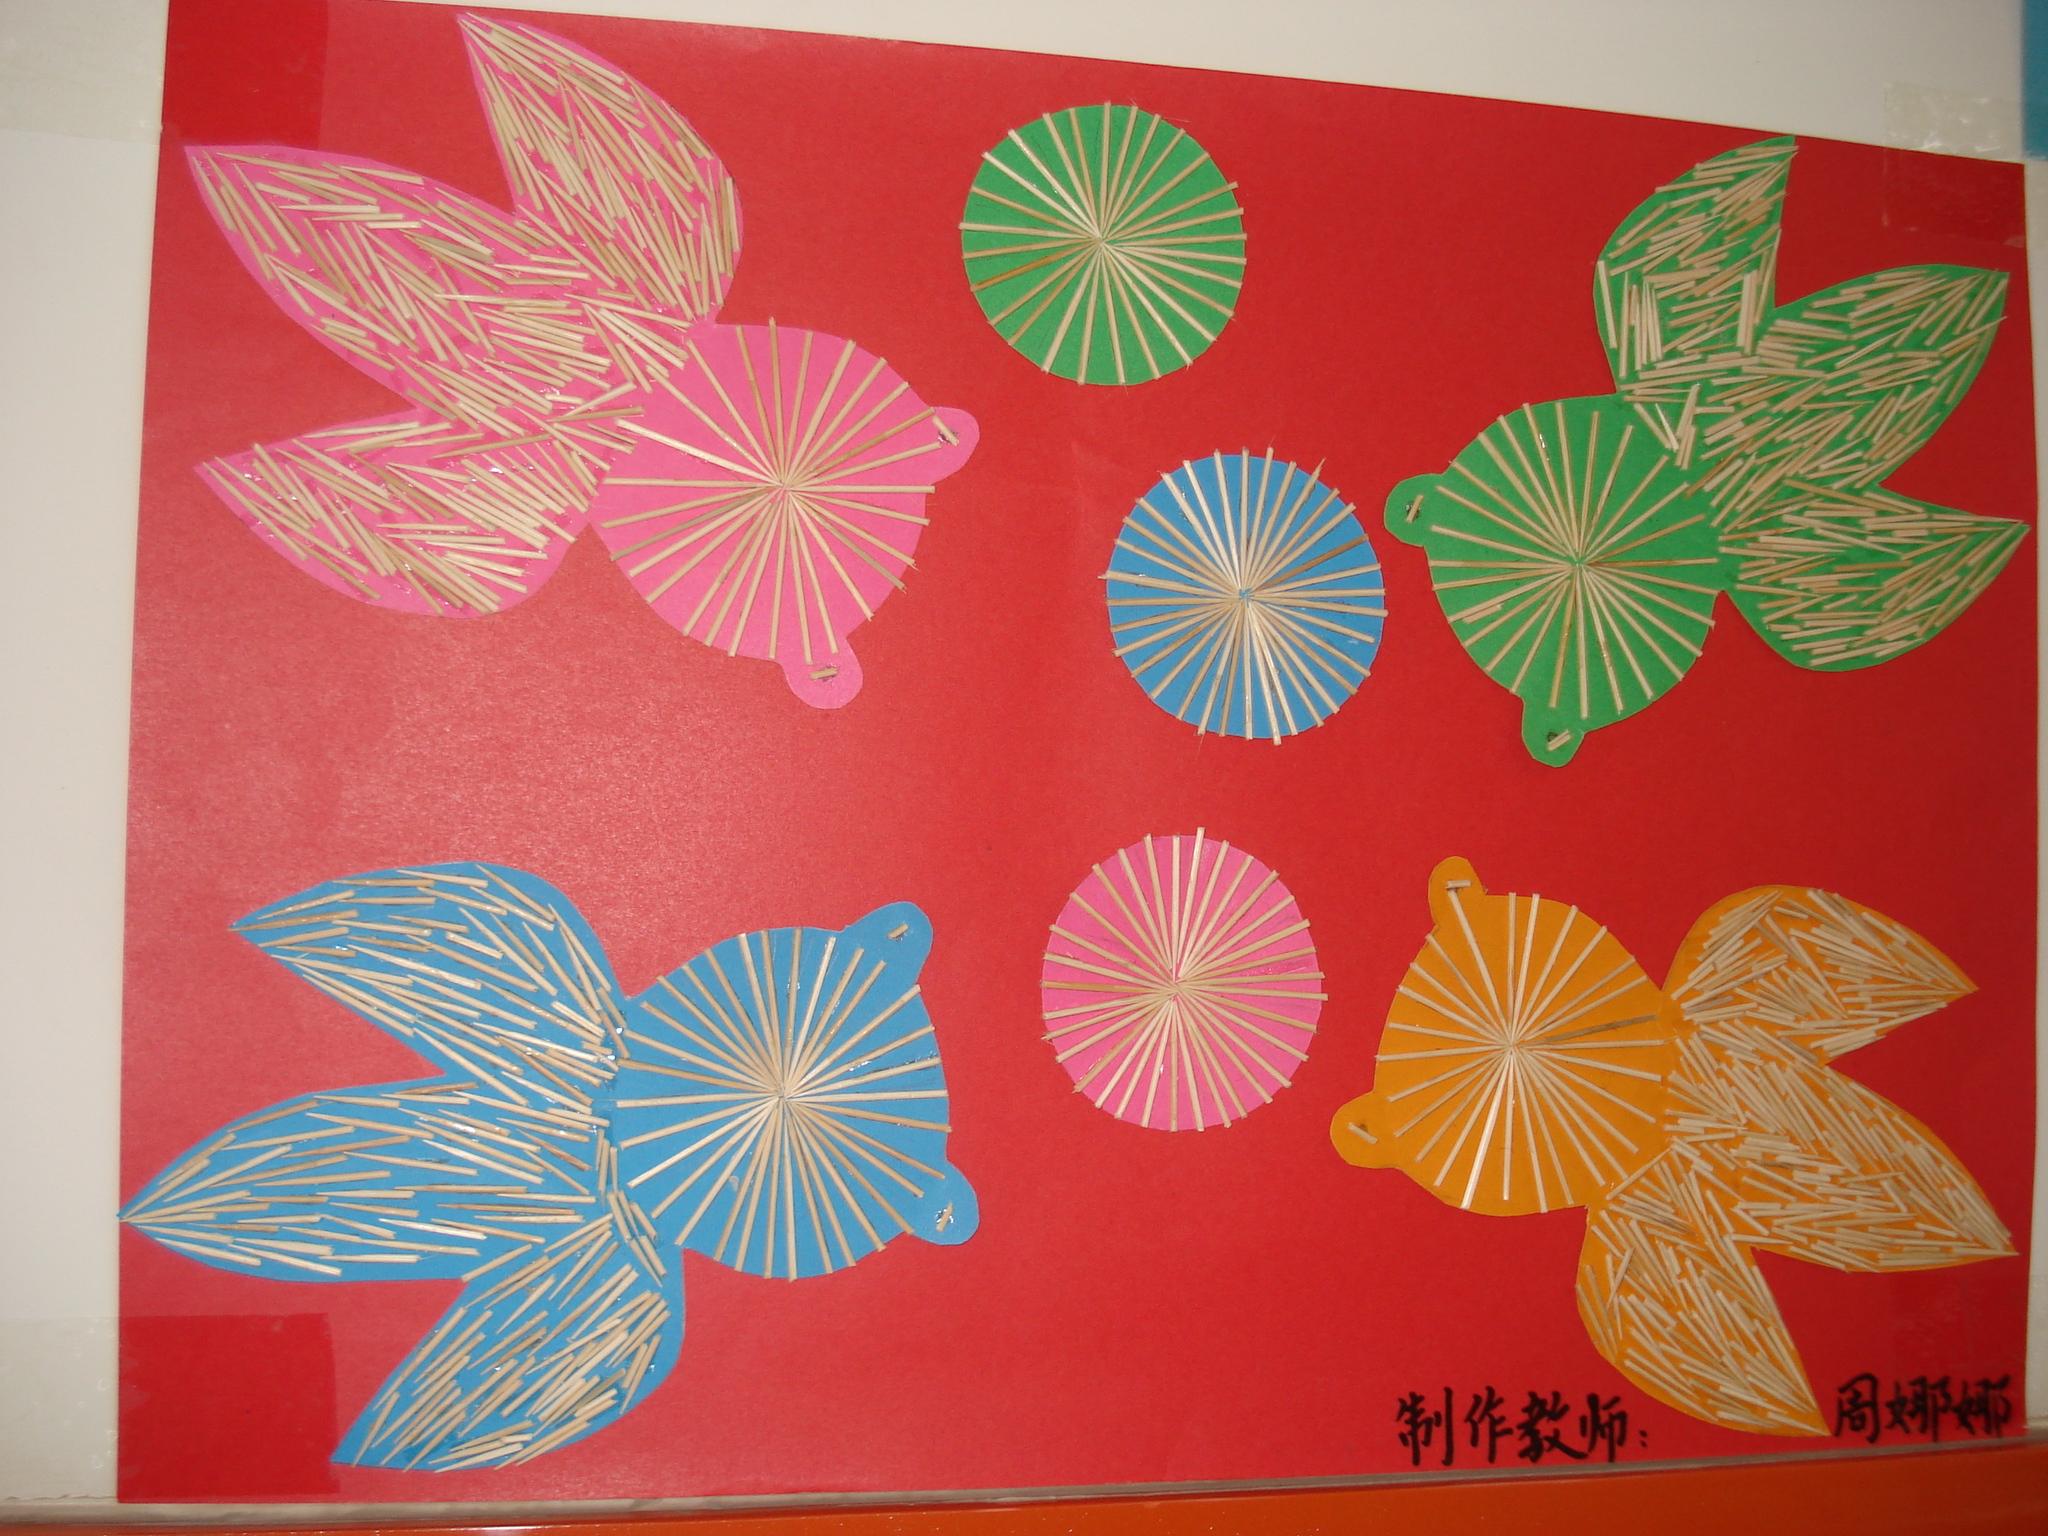 幼儿园教师画画作品; 幼儿教师简笔画